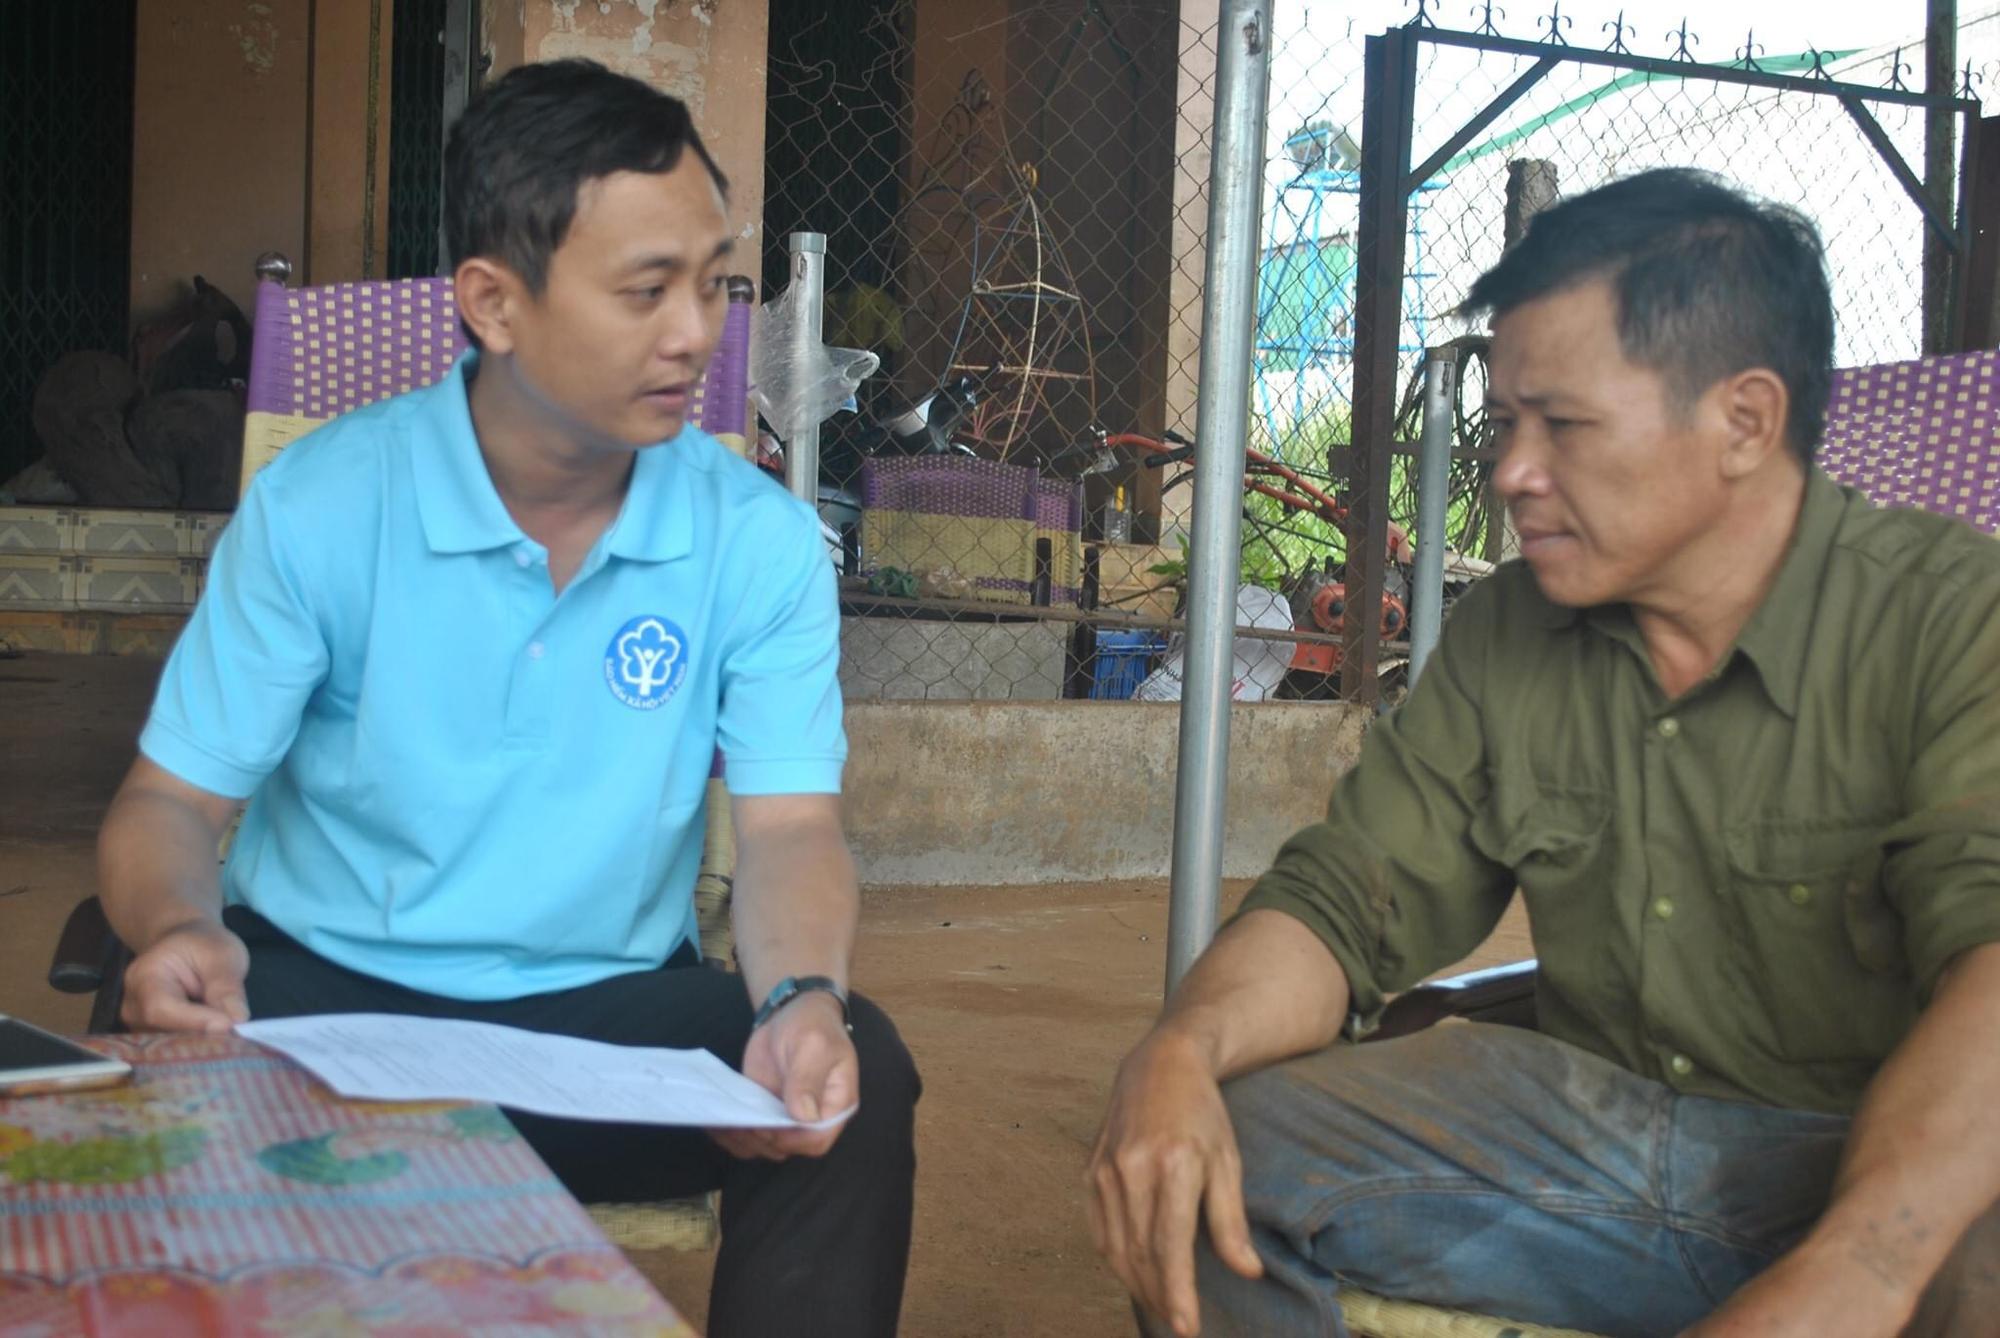 Đắk Nông: Tuyên truyền chính sách BHXH tự nguyện tới nông dân - Ảnh 1.